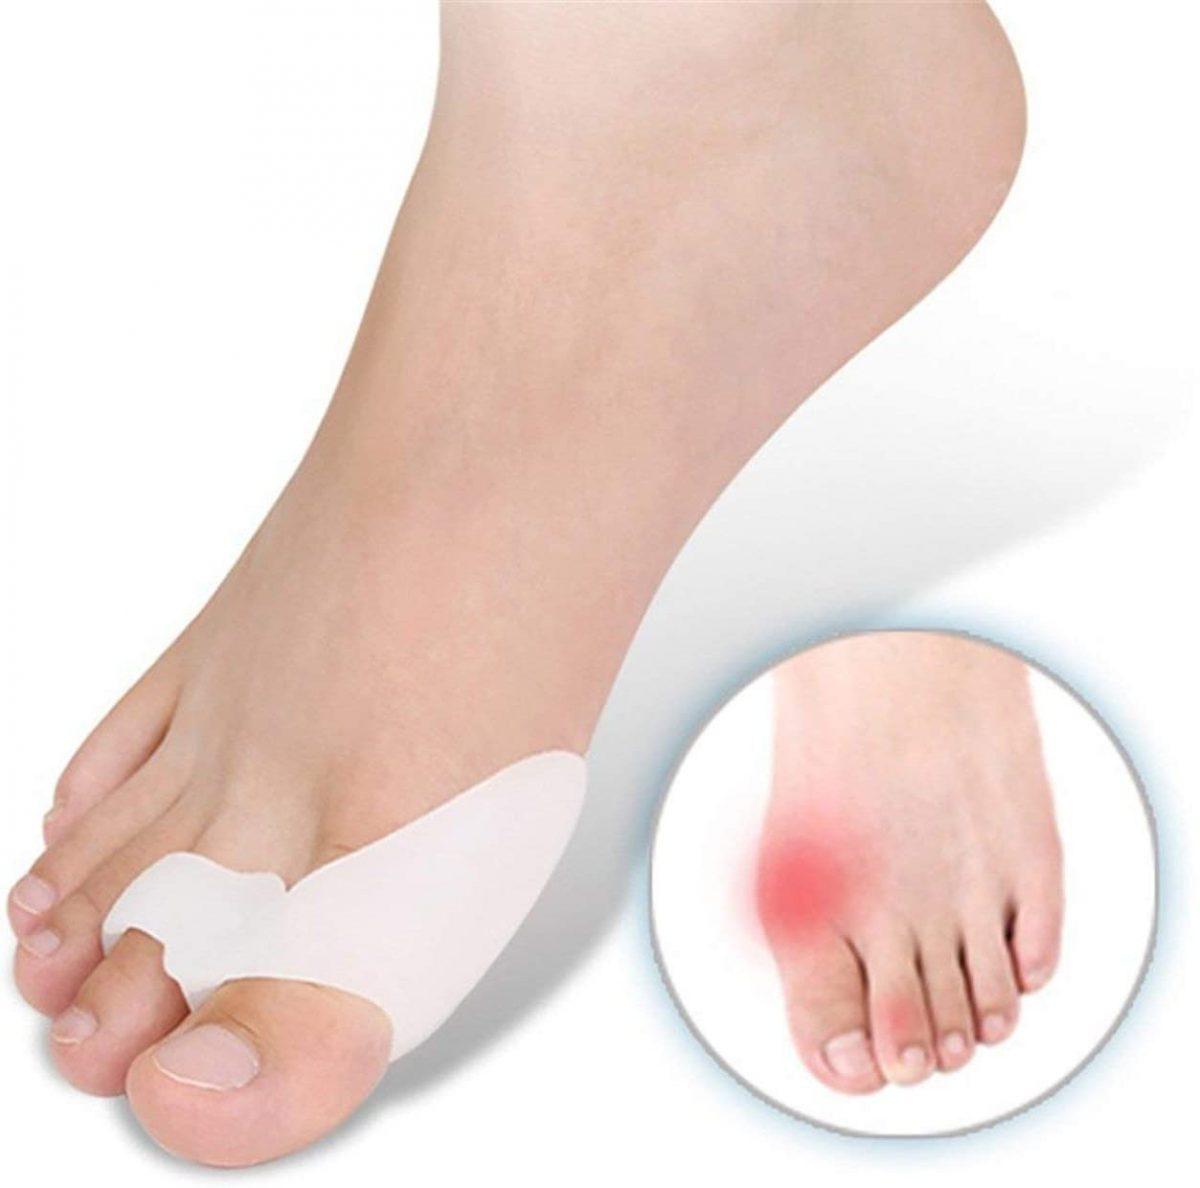 Umetak za ispravljanje nožnih prstiju